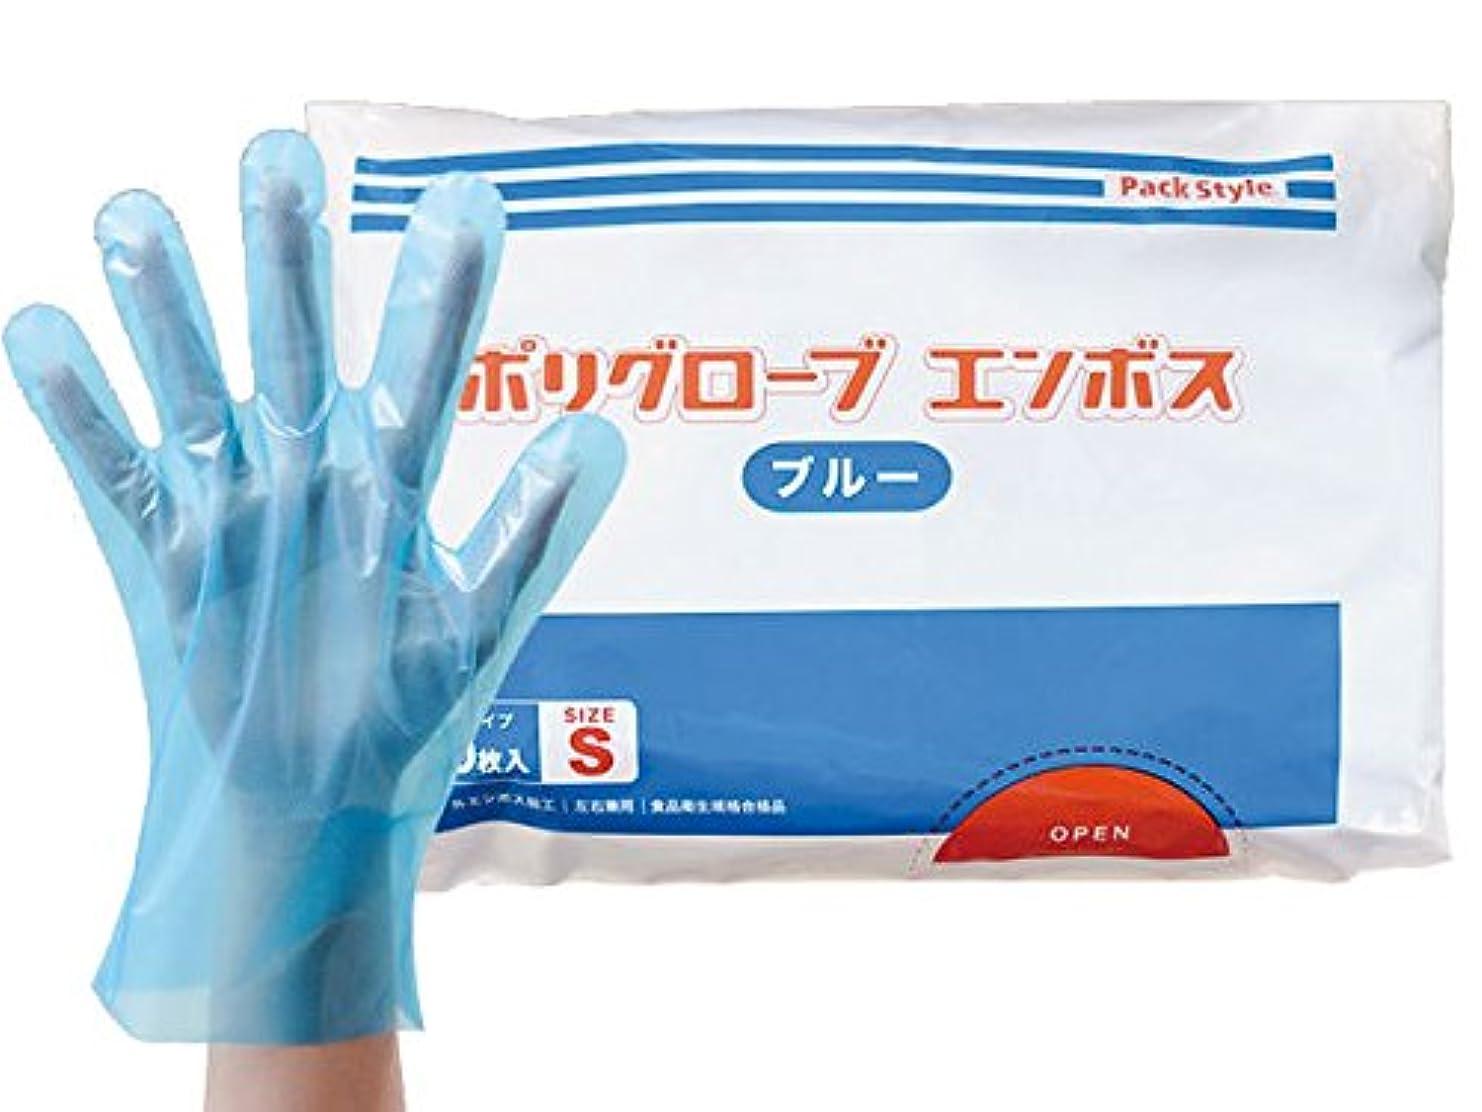 引き出す郡シンプトンパックスタイル 使い捨て ポリ手袋 ブルー 袋入 SS 6000枚 00437324